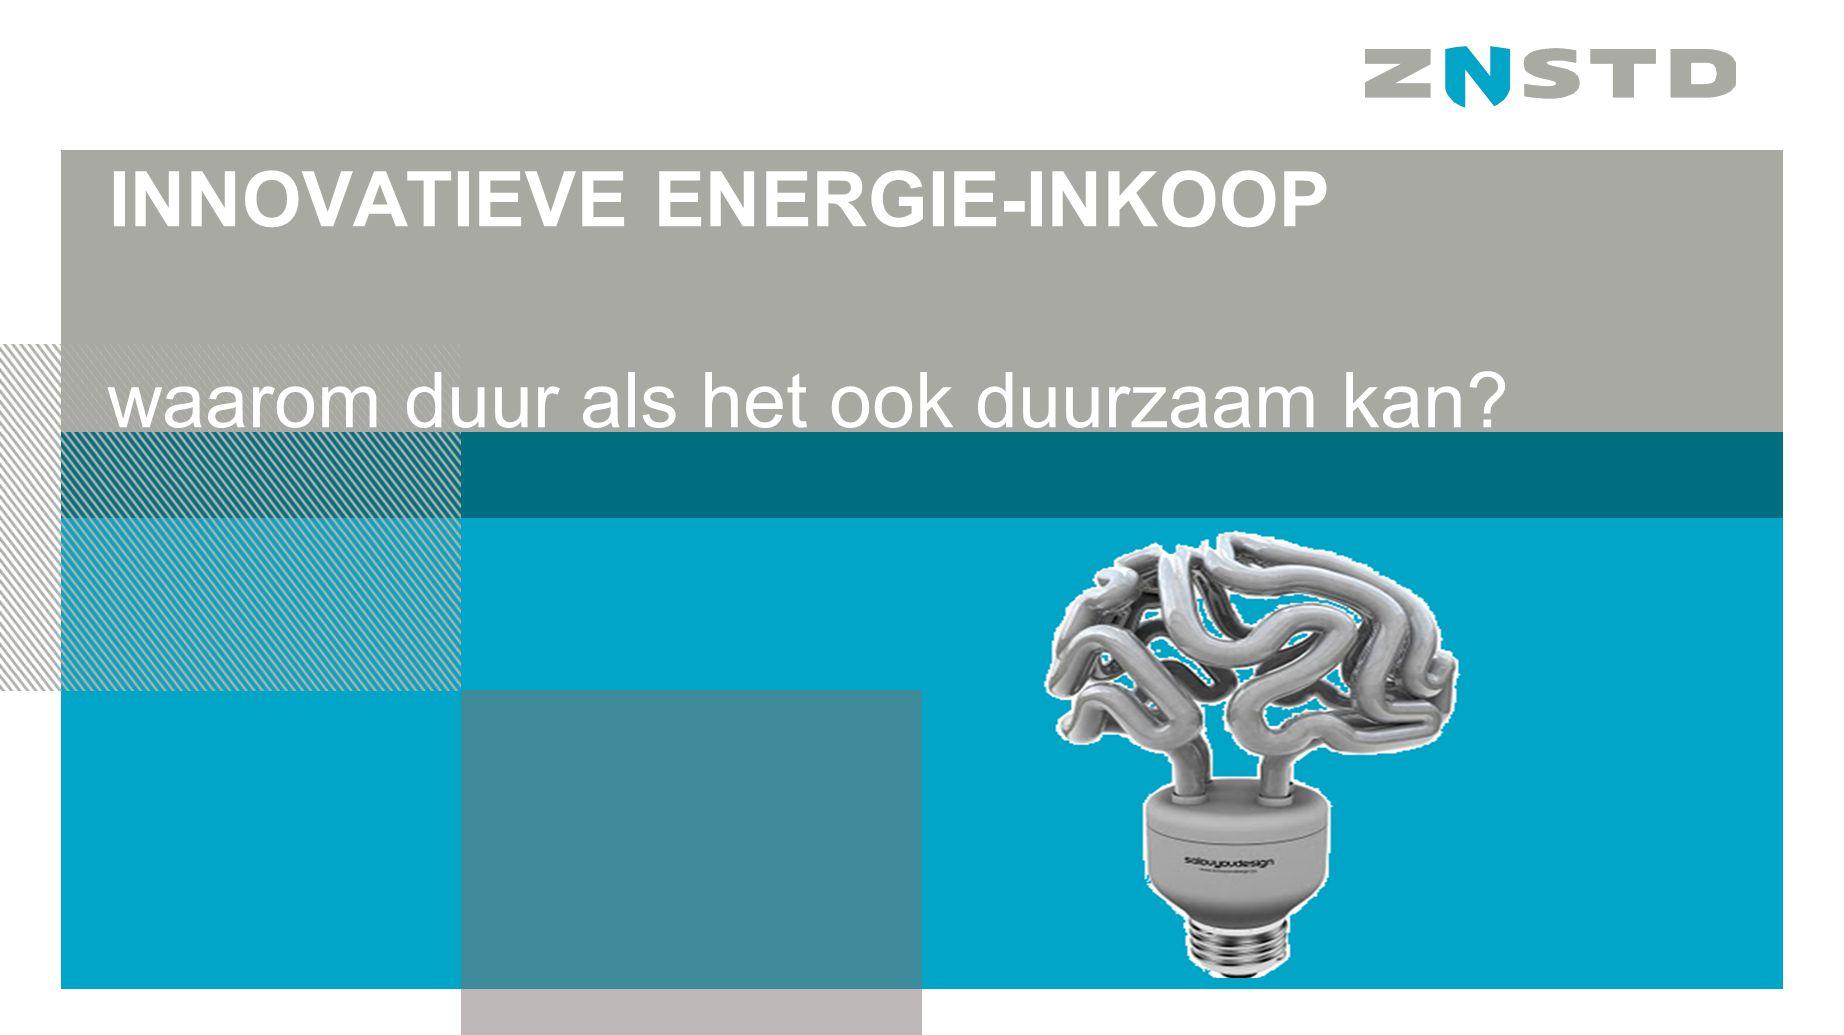 INNOVATIEVE ENERGIE-INKOOP waarom duur als het ook duurzaam kan?